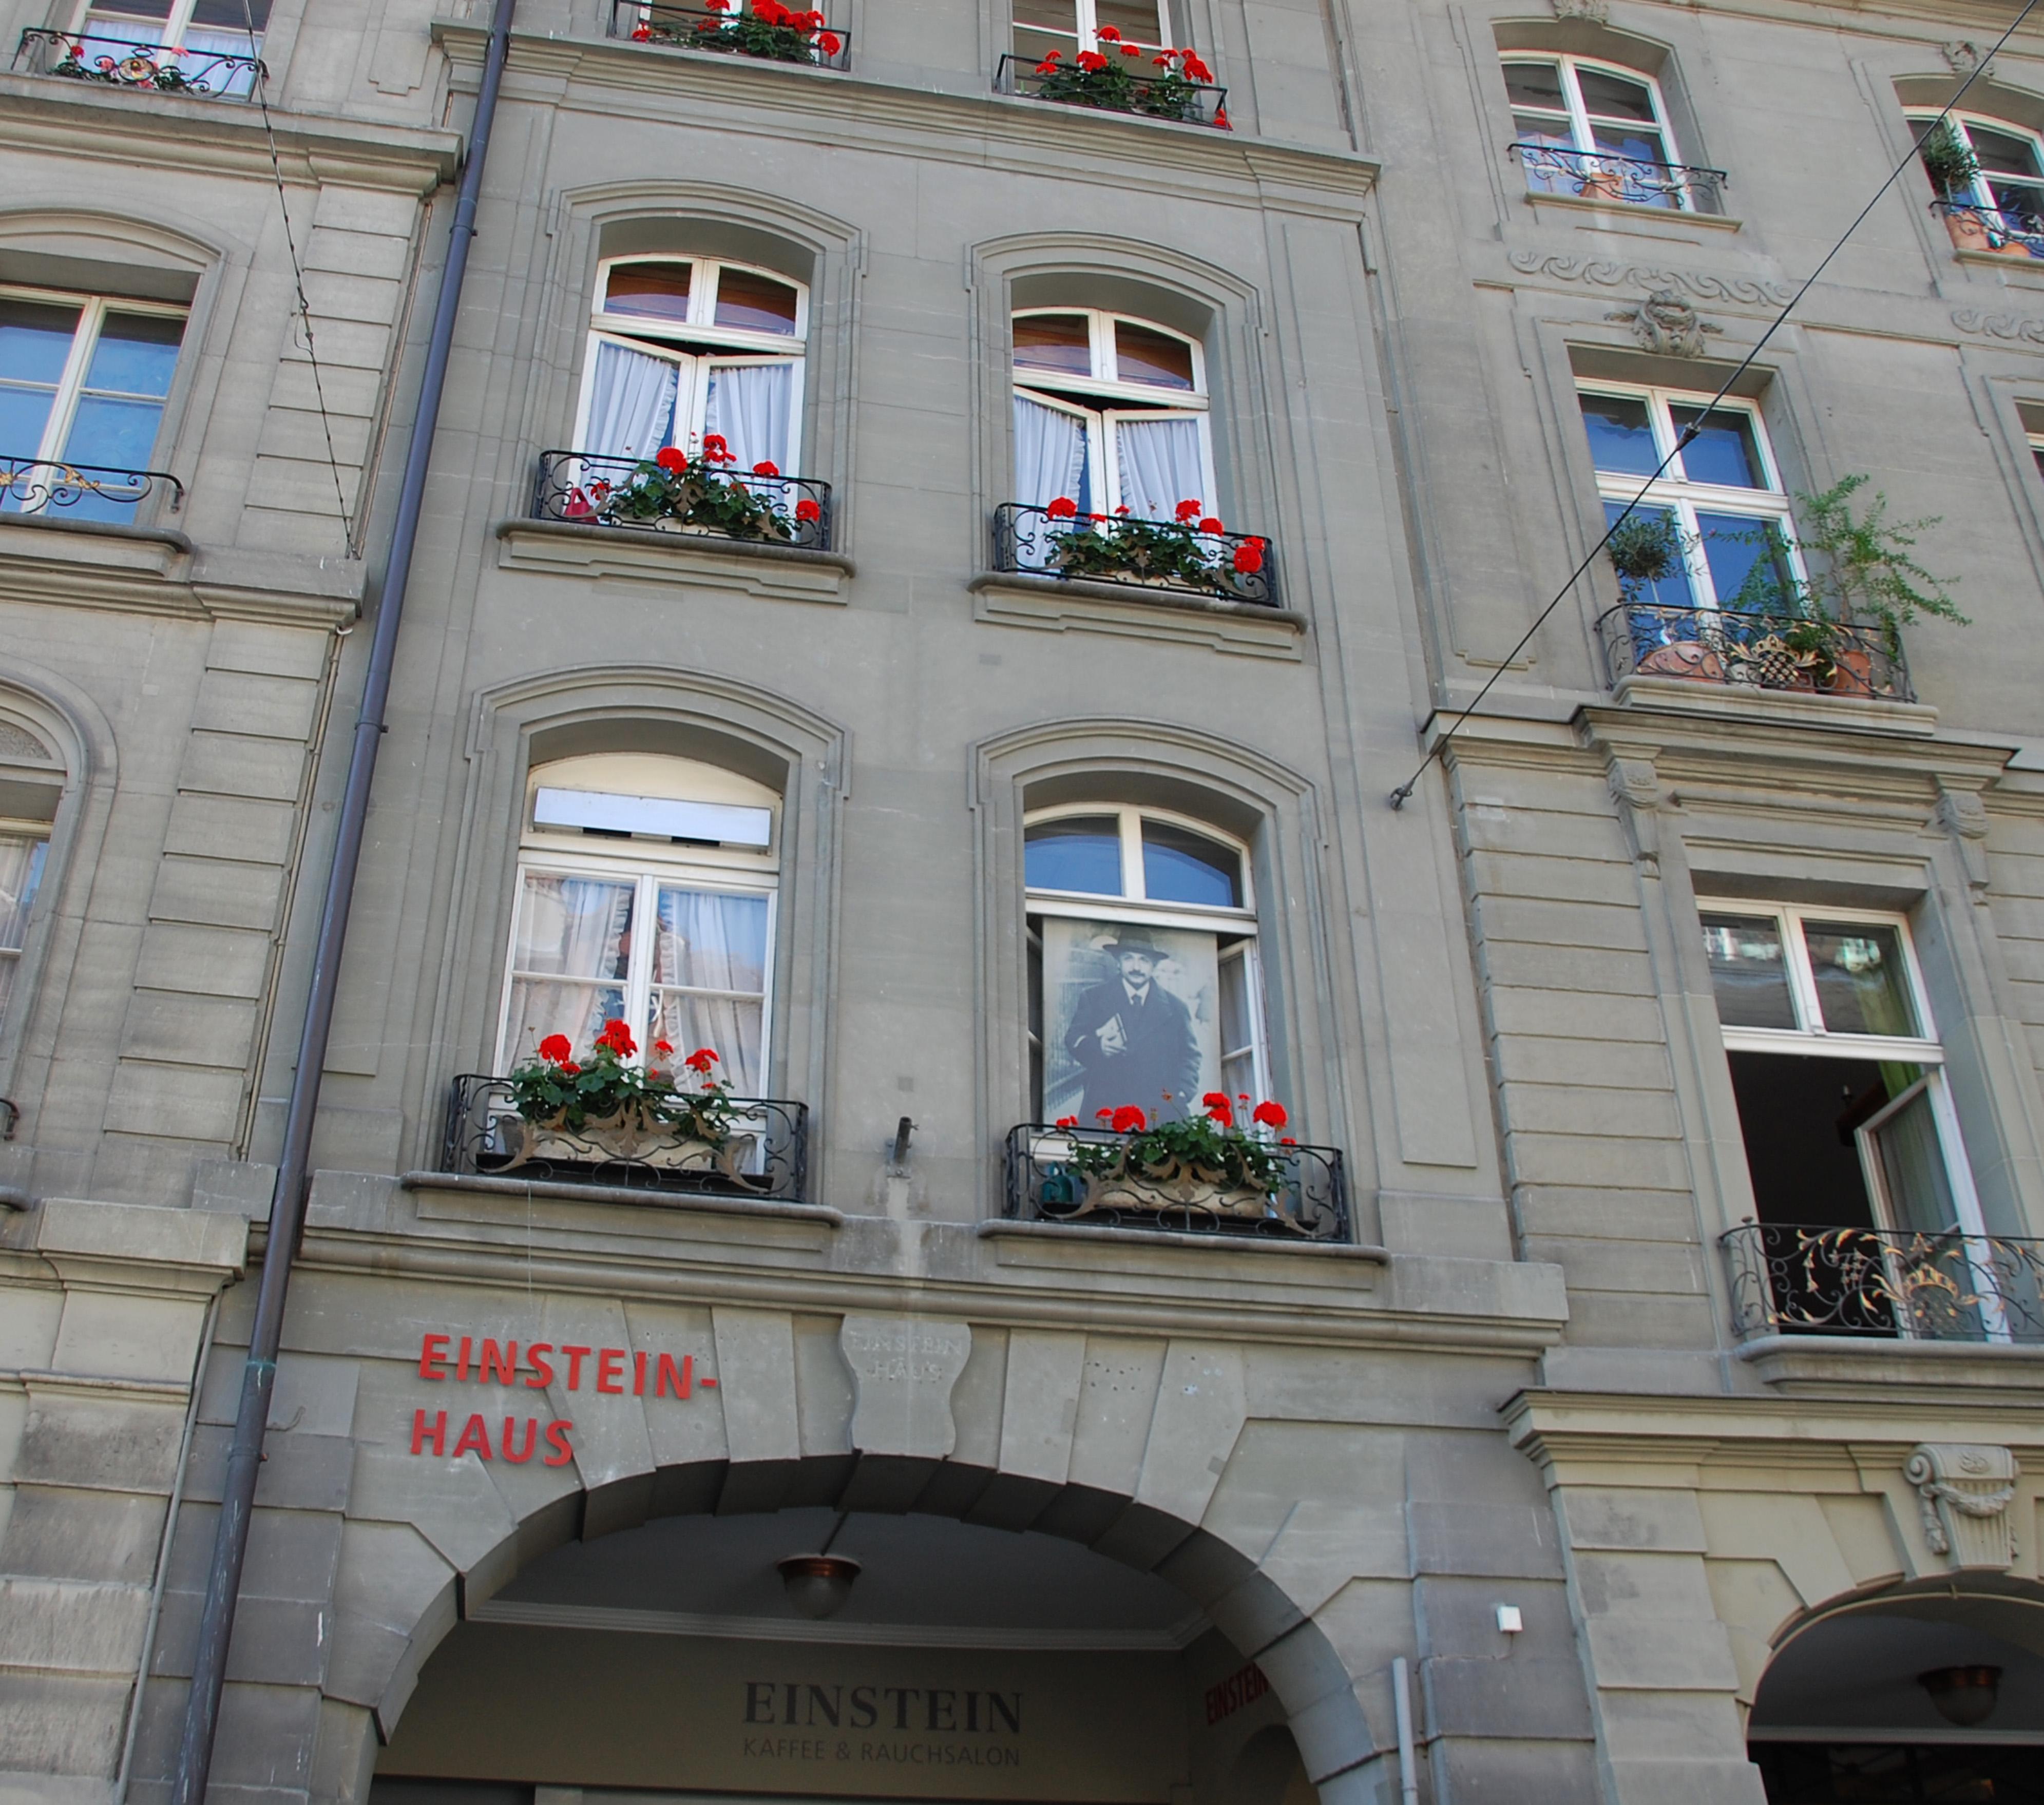 Bern's Einstein museum